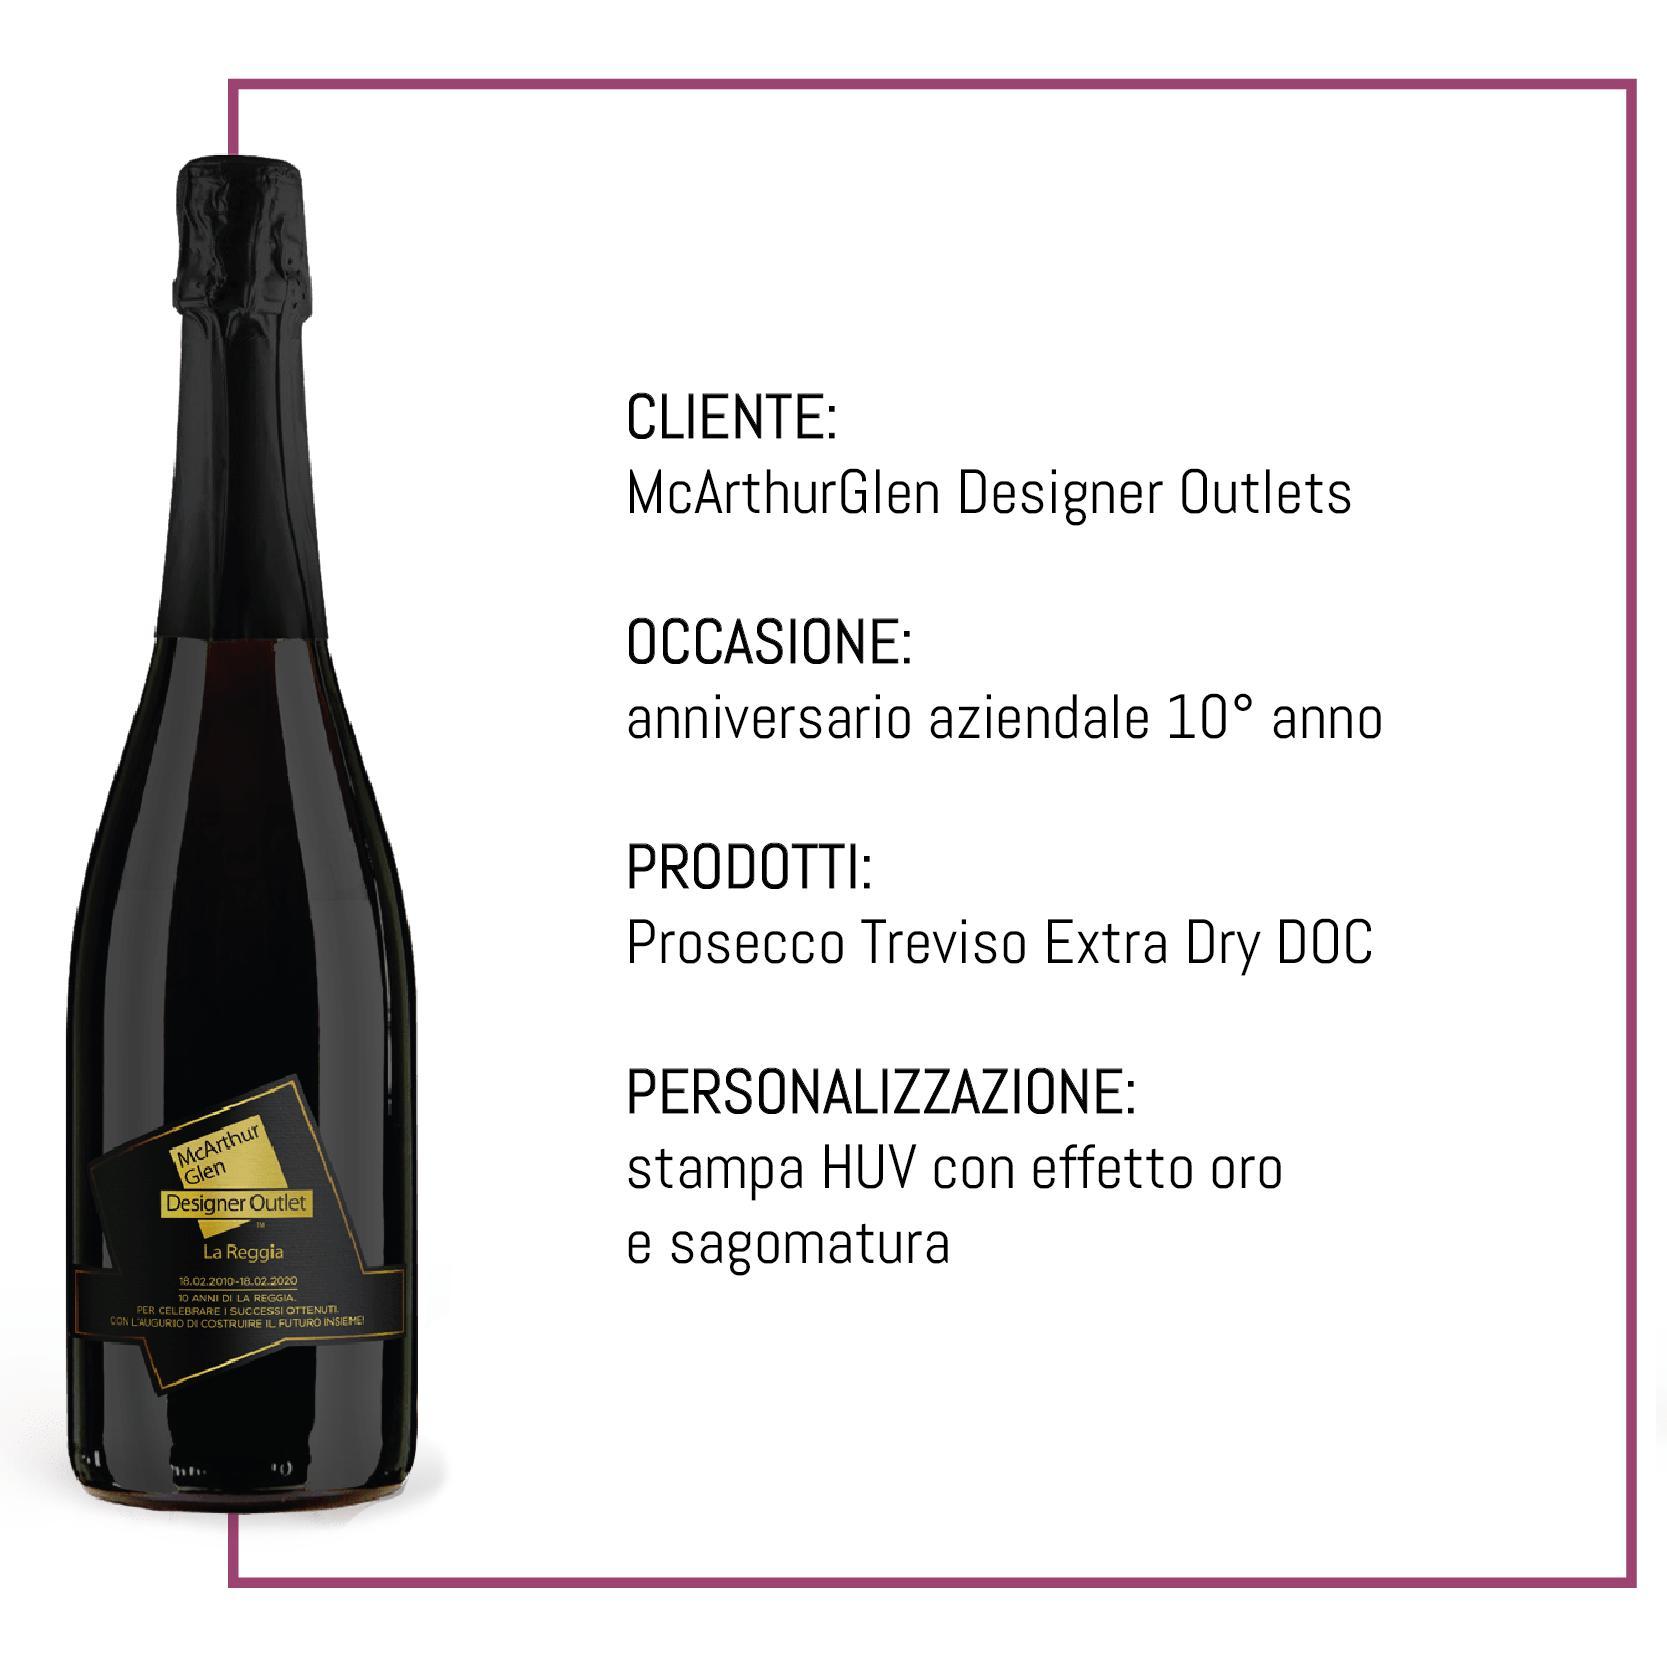 bottiglia personalizzata anniversario McArthurGlen Designer Outlets